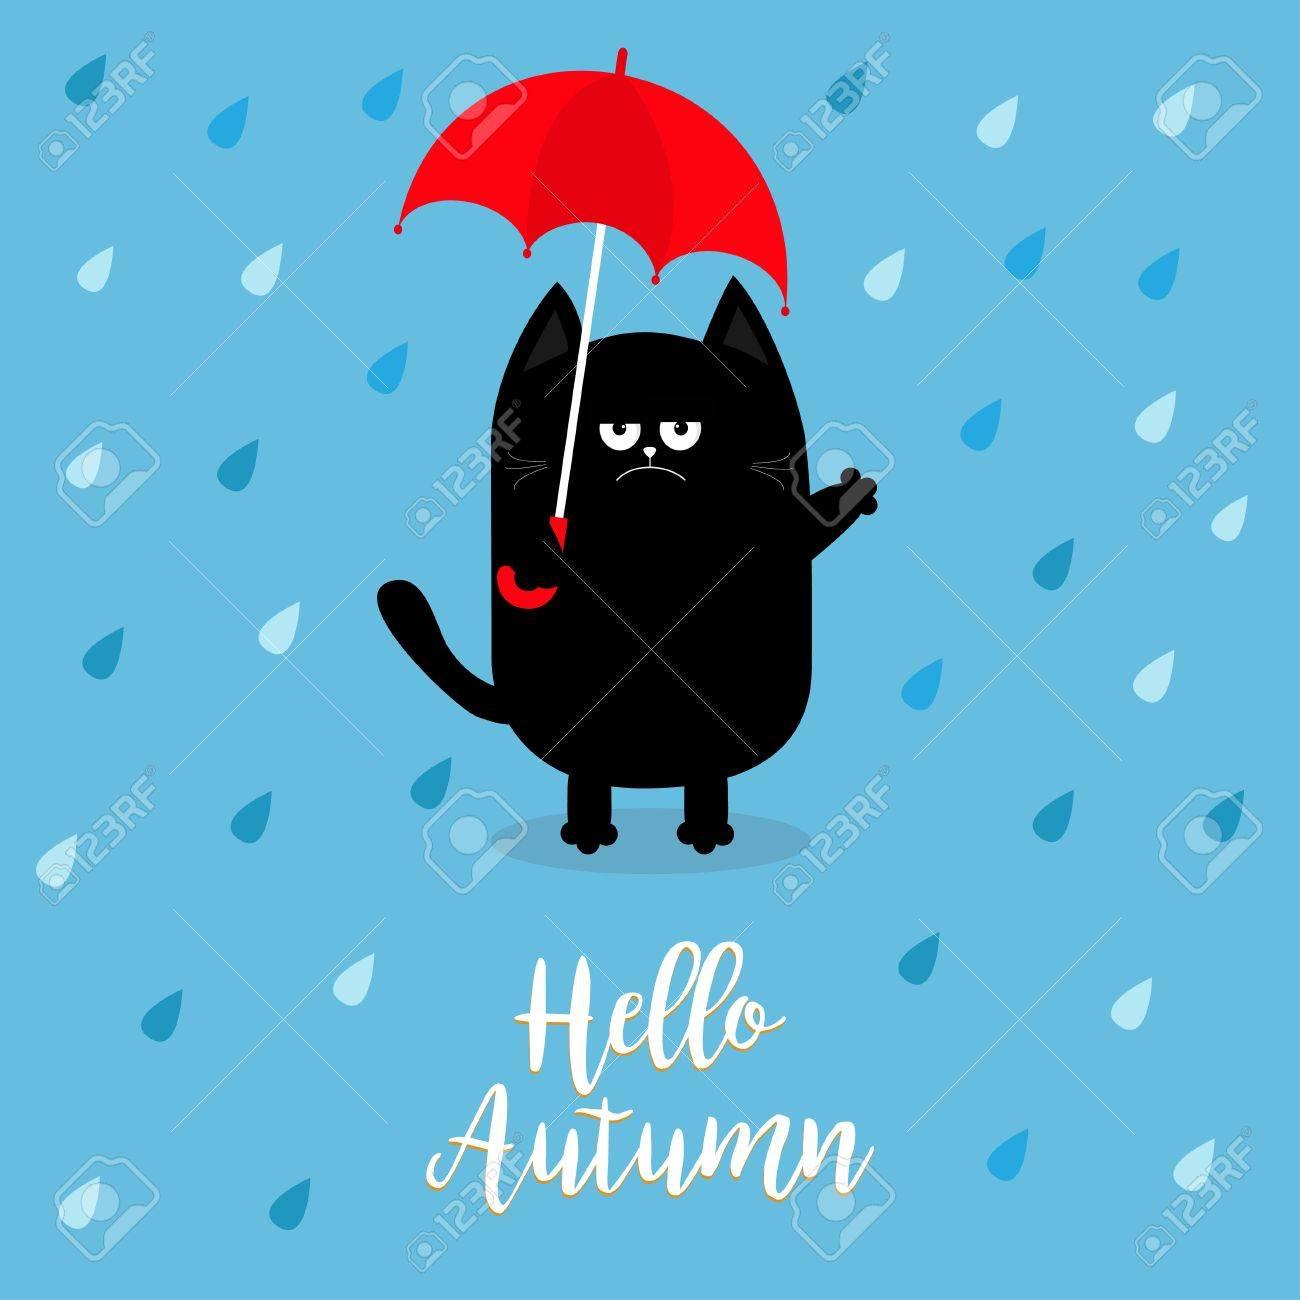 Bonjour Automne Chat Noir Tenant Un Parapluie Rouge Gouttes De Pluie émotion Triste En Colère La Haine Tombe Personnage Mignon De Bébé Drôle De